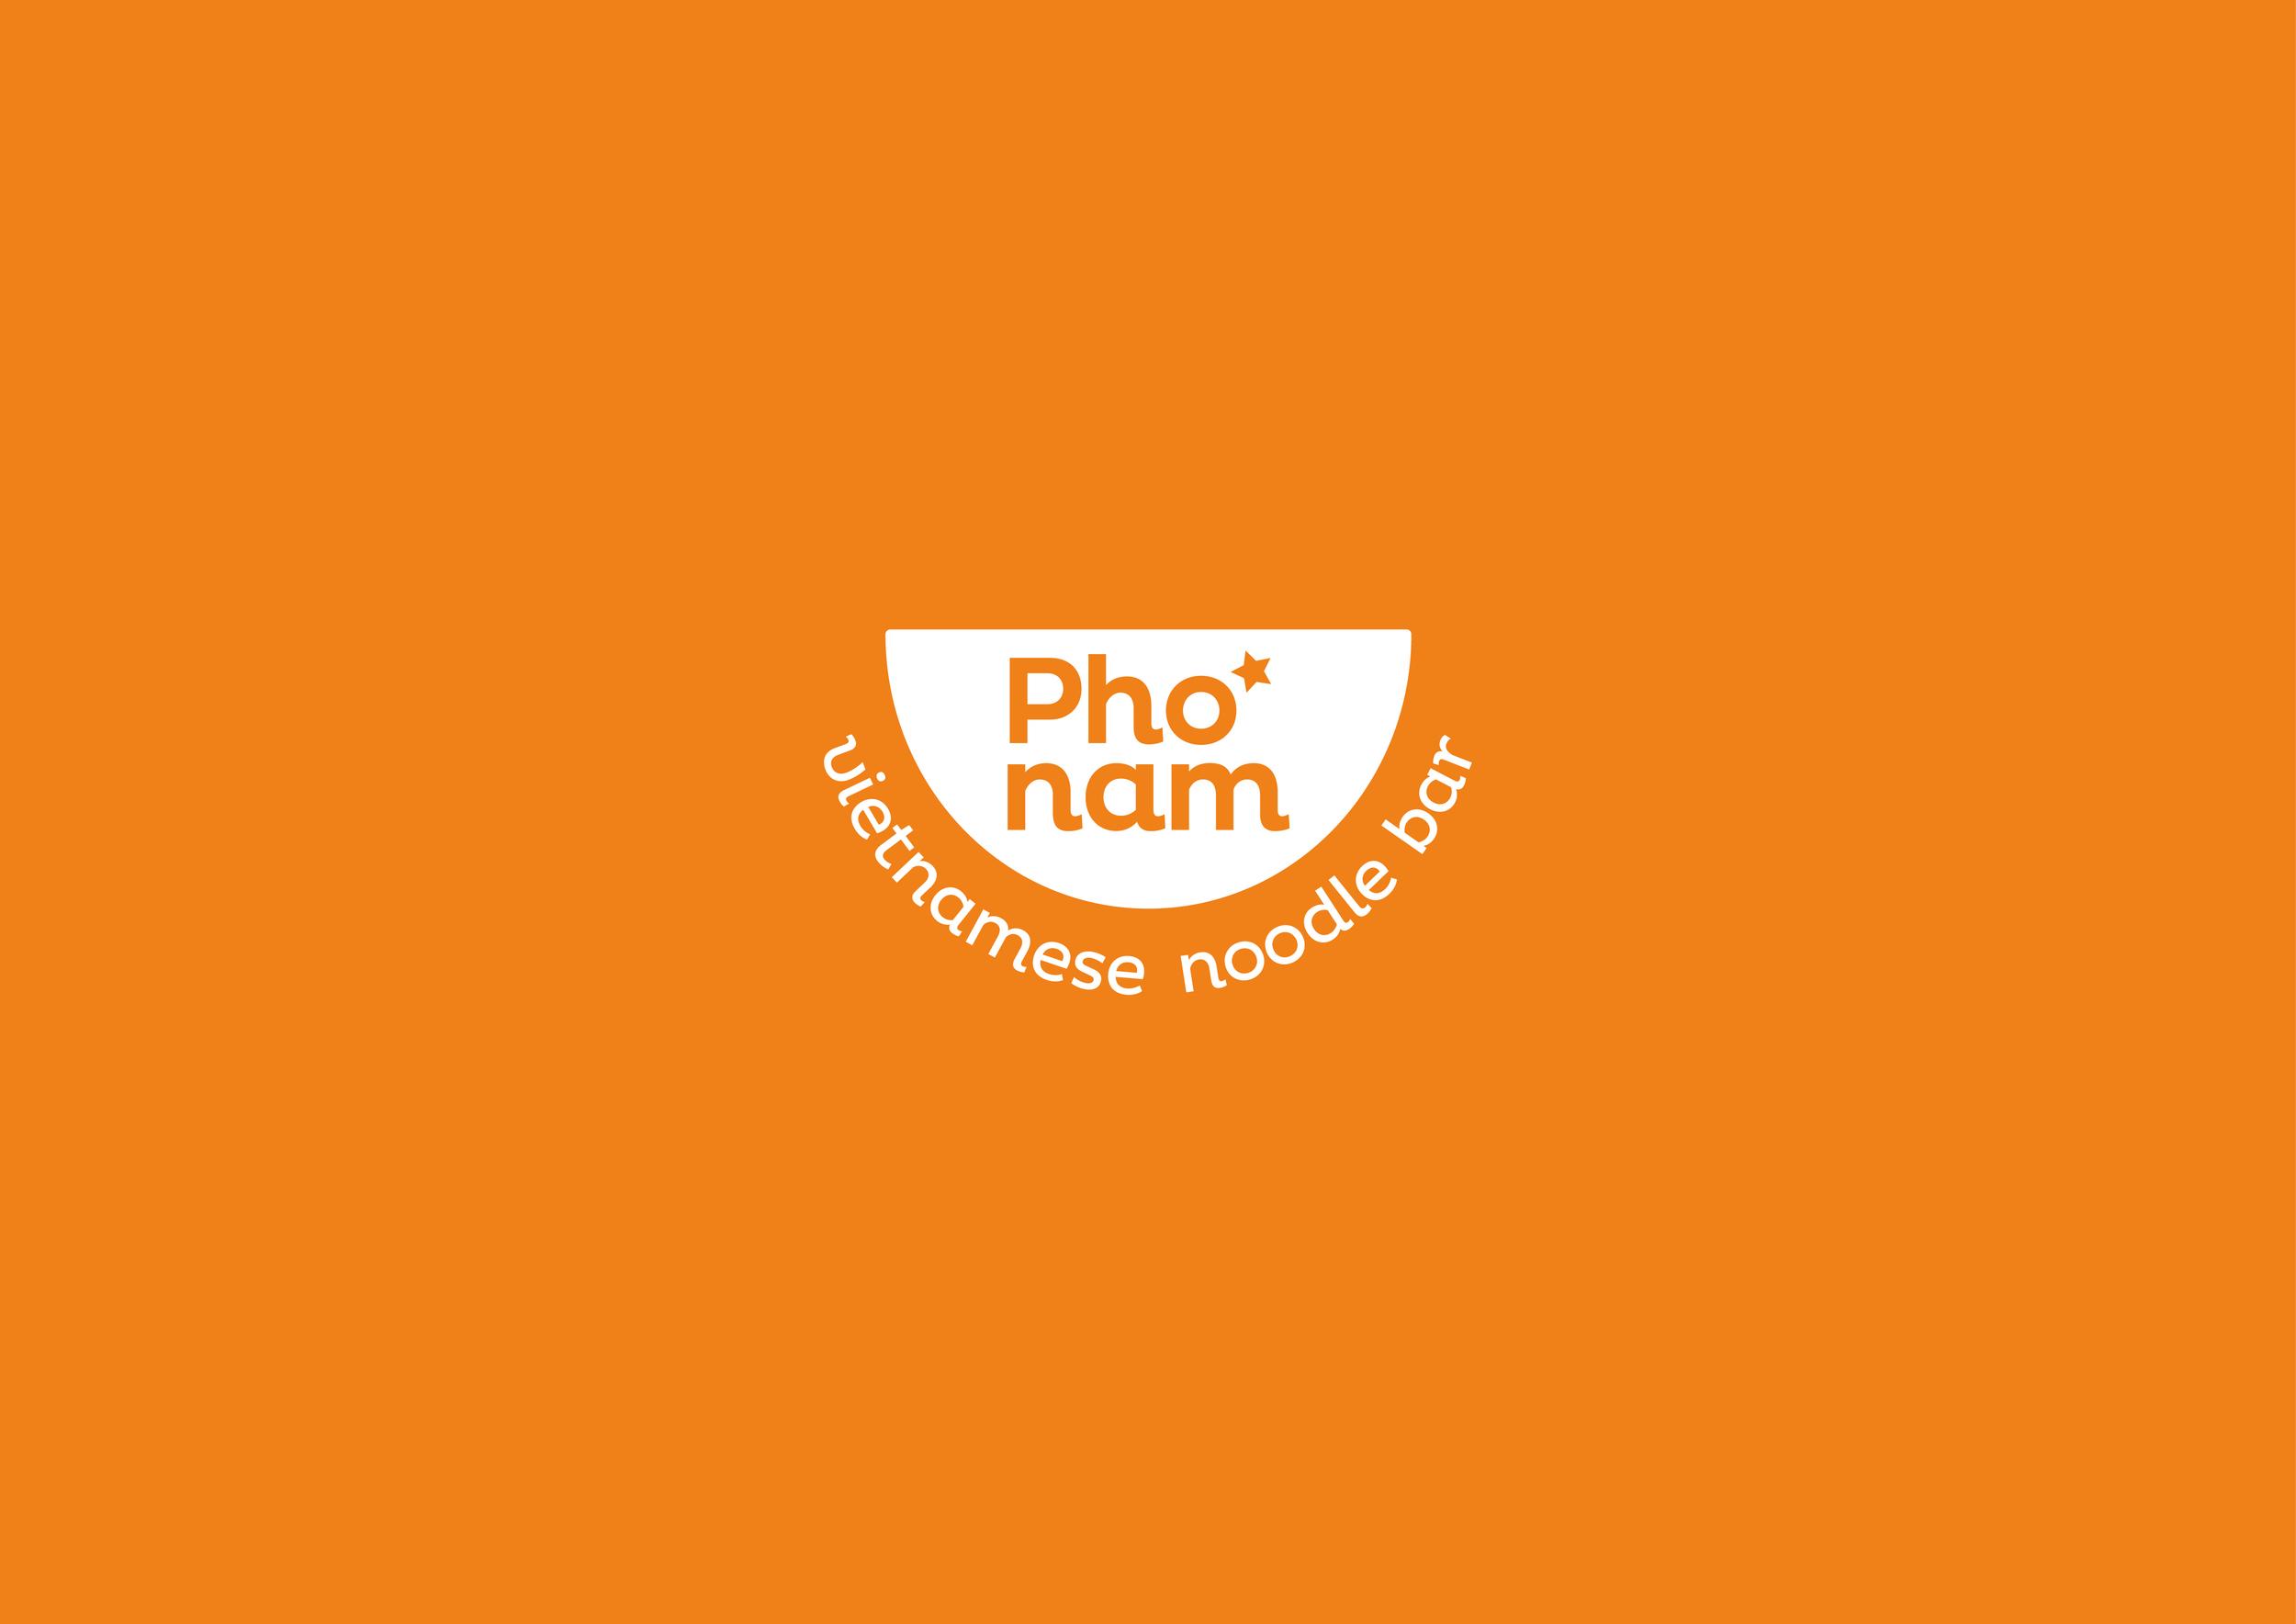 Pho Nam Branding Illustration And Design